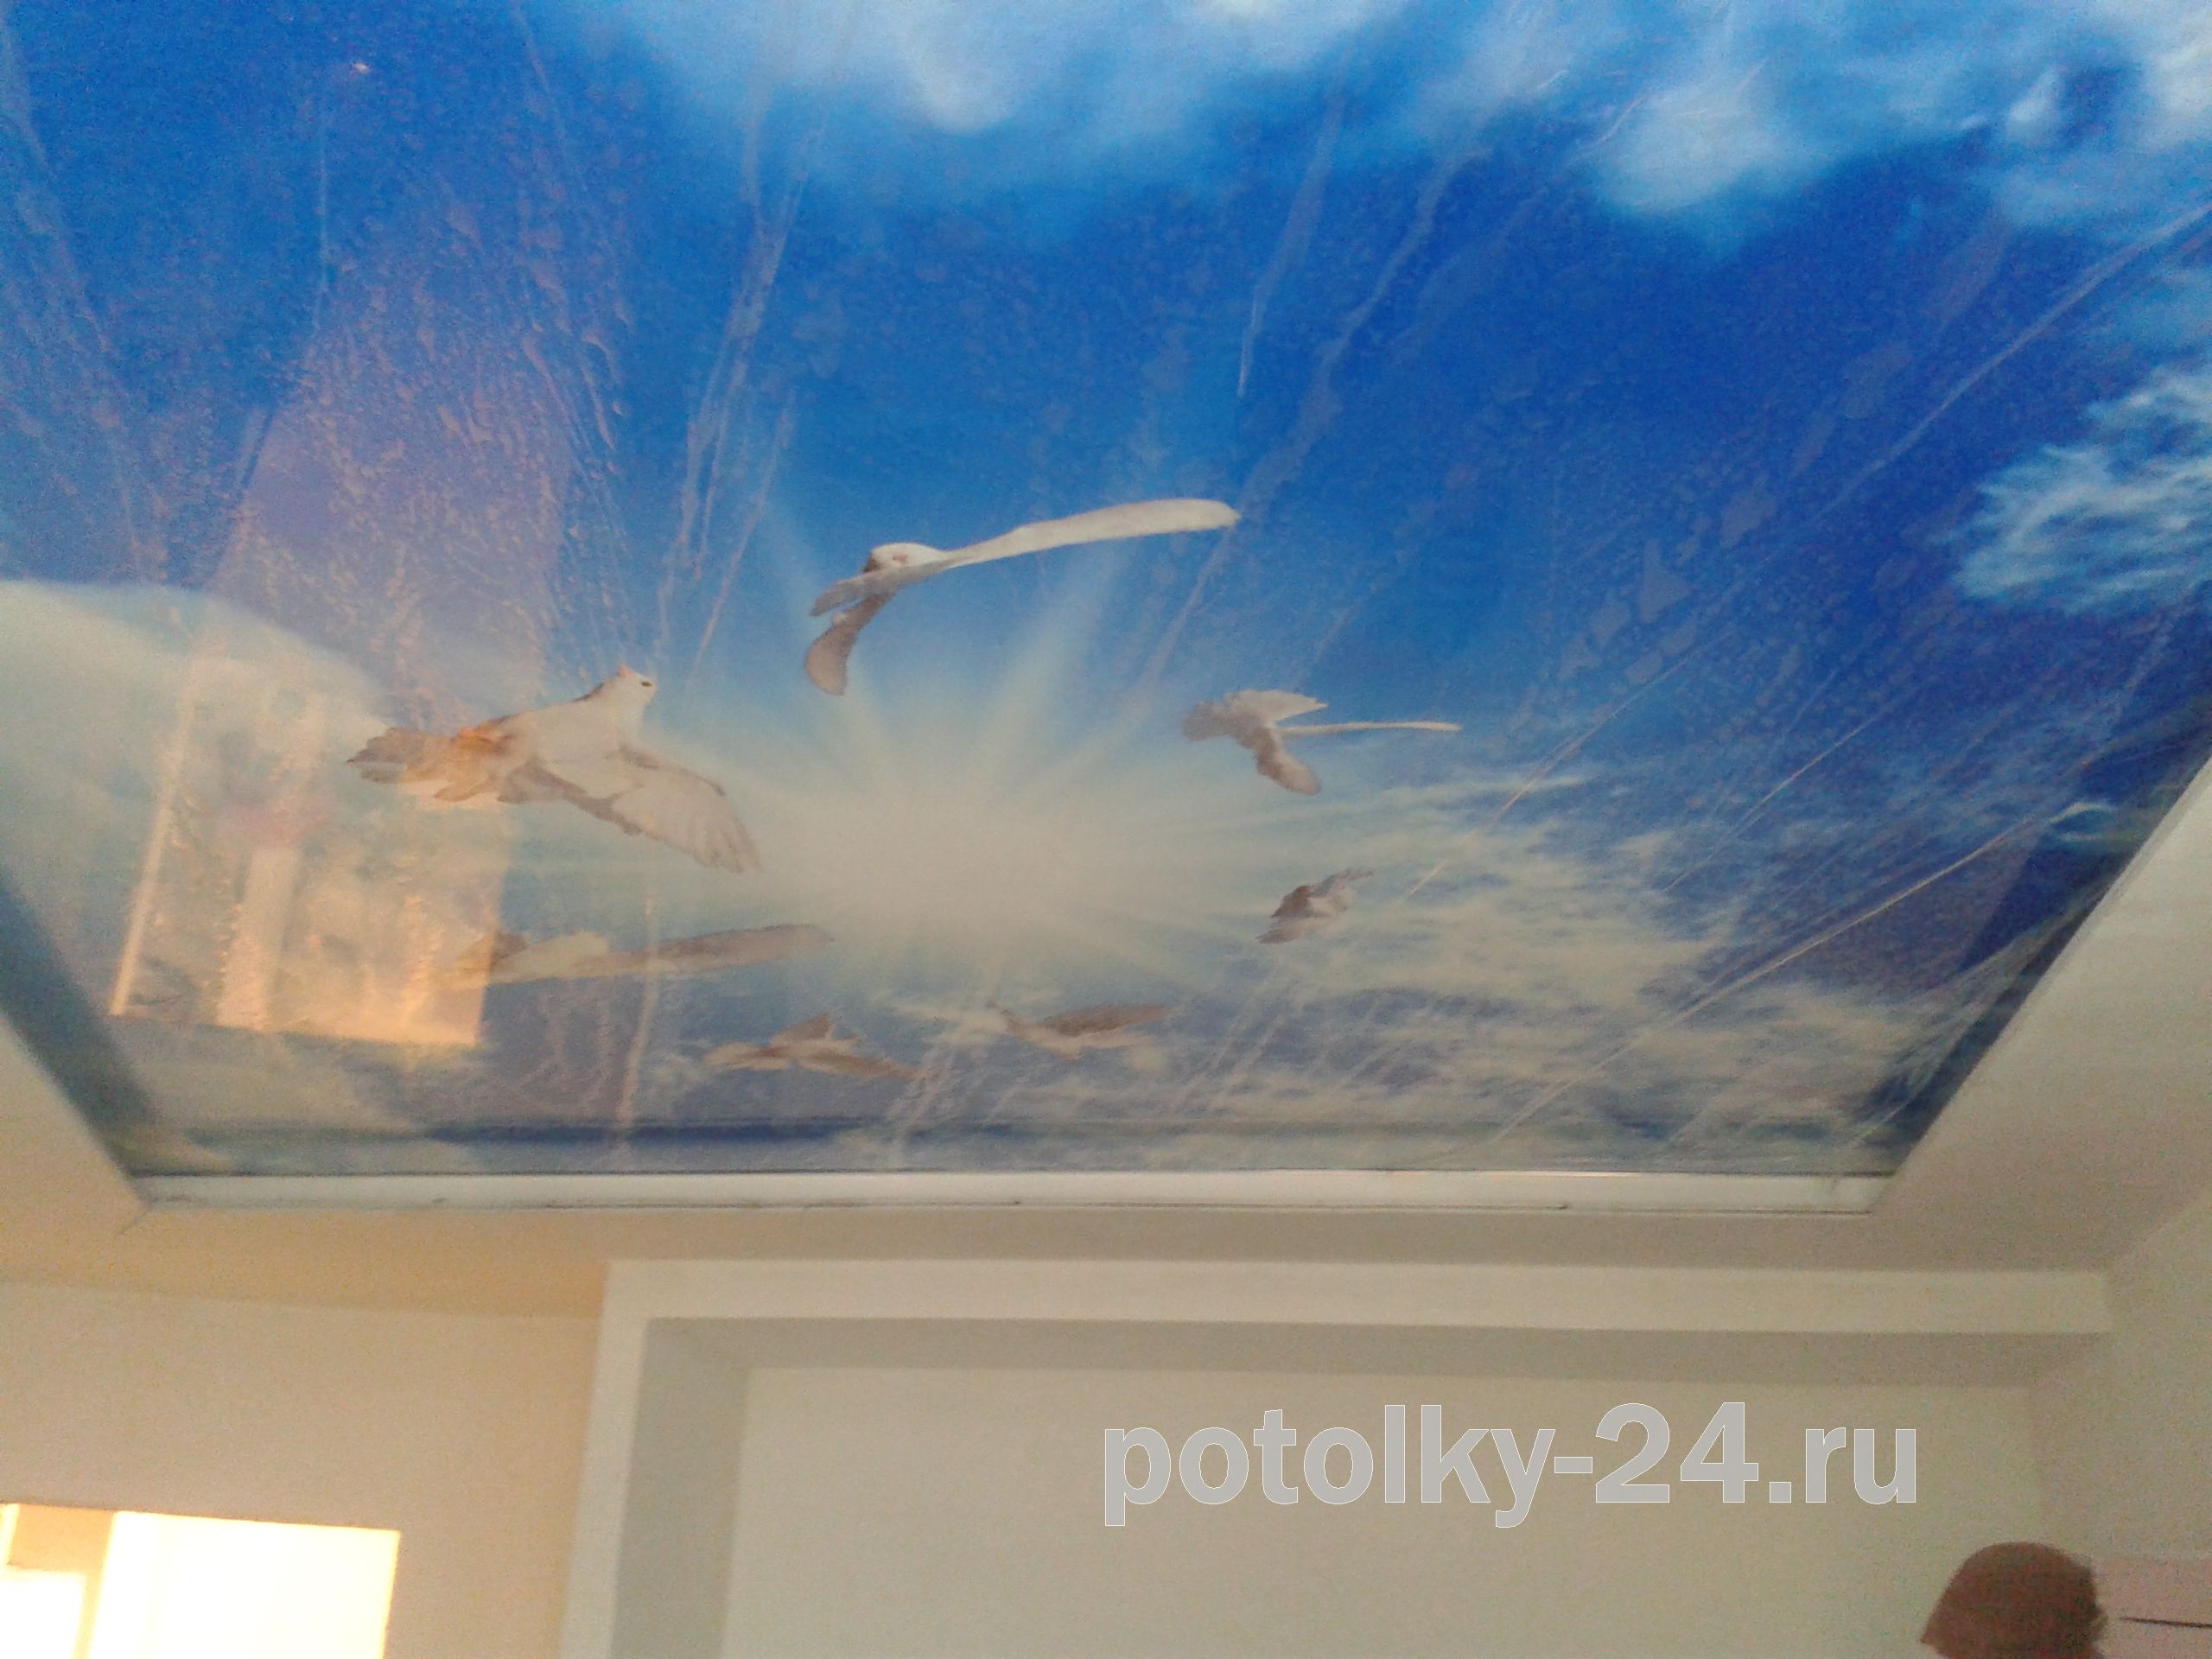 Рисунок на натяжном потолке